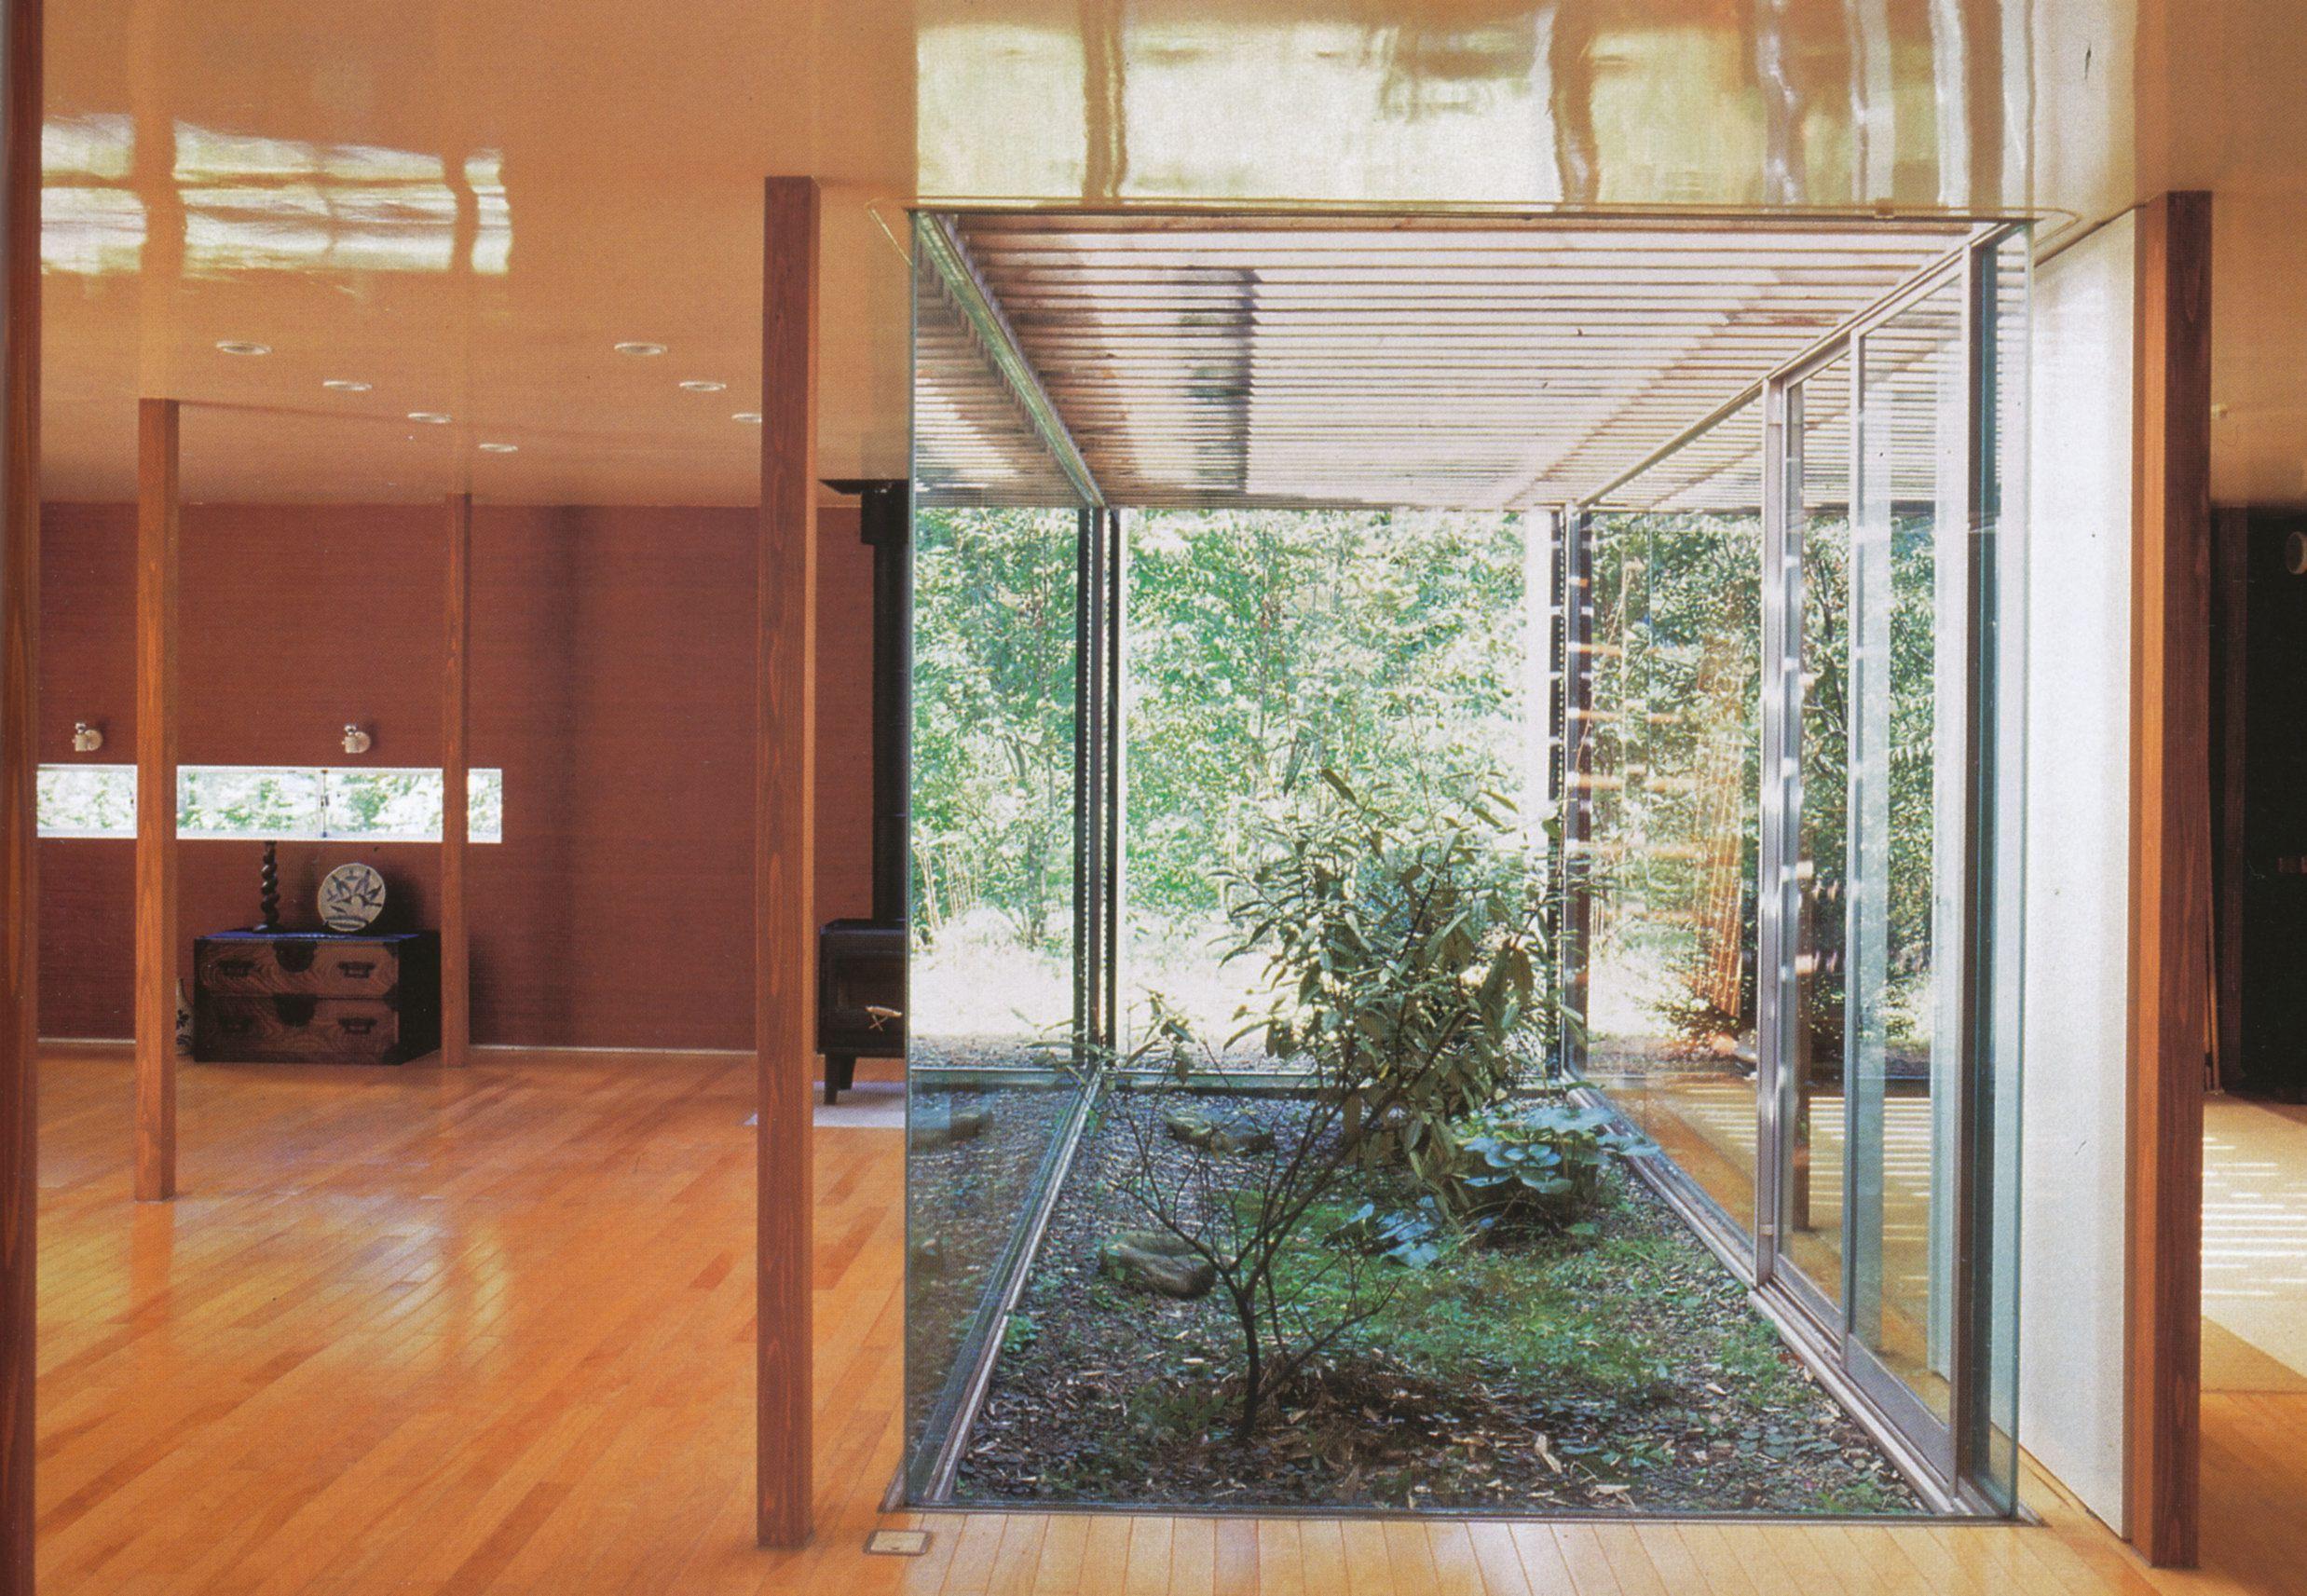 Ryue Nishizawa weekend house, Gunma, Japan Casa de fin